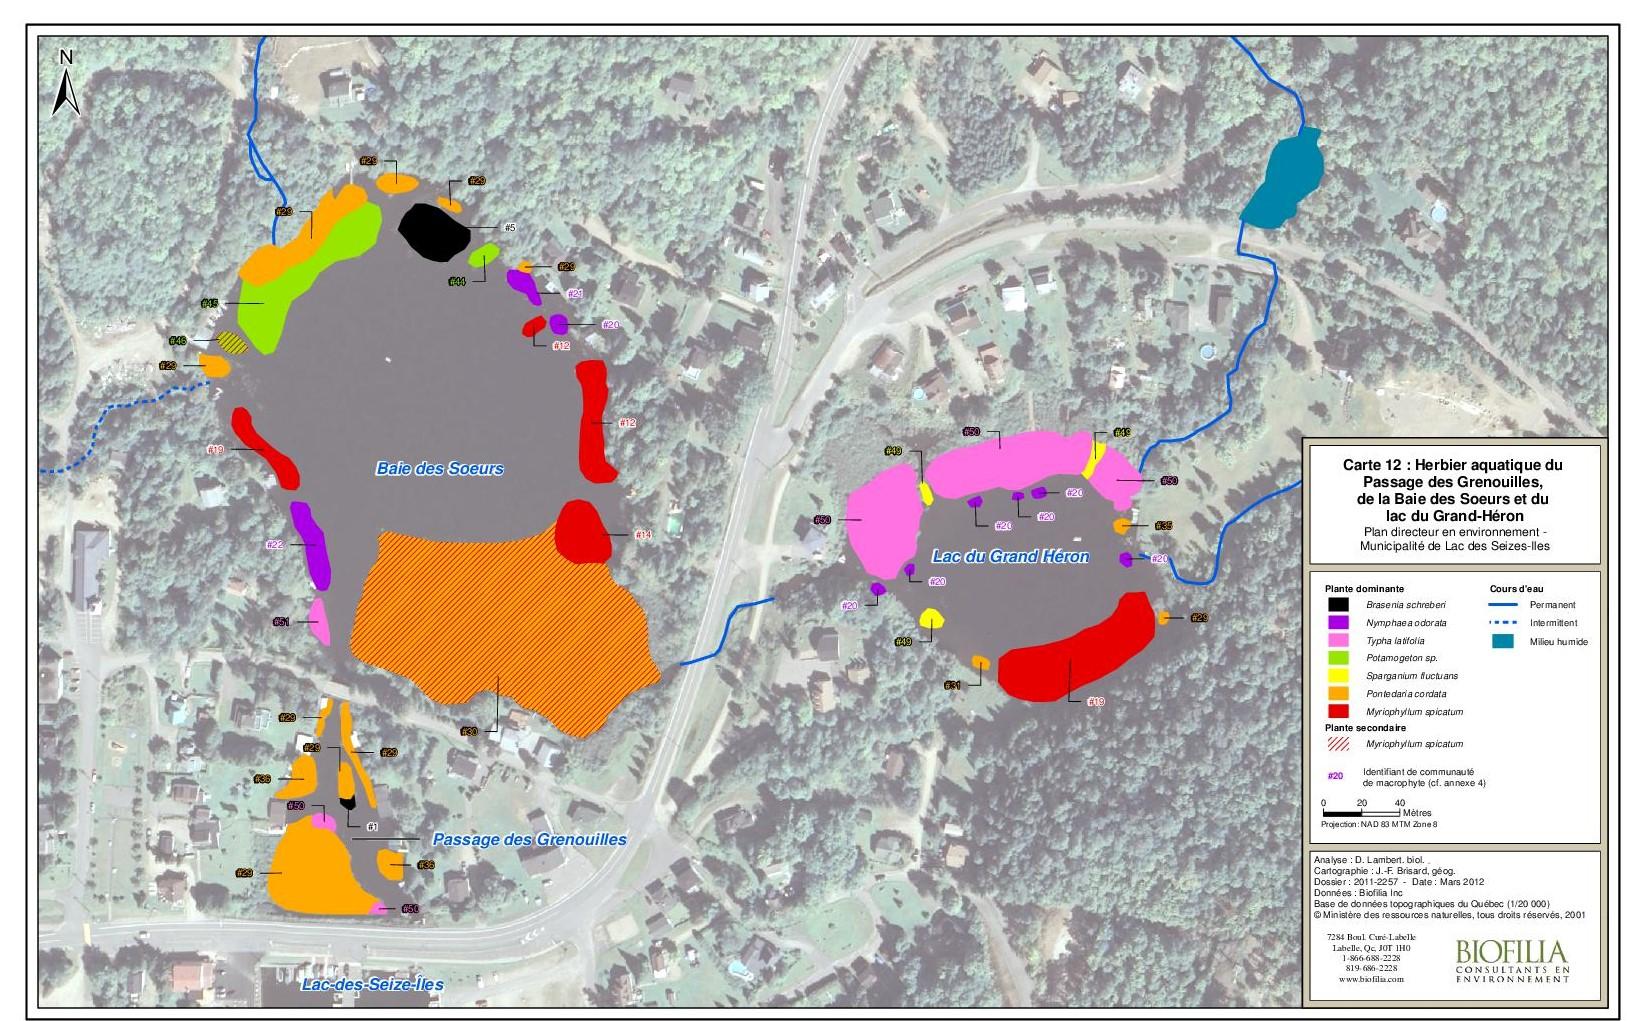 Préférence Invasive exotic species - Lac-des-Seize-Îles MV17